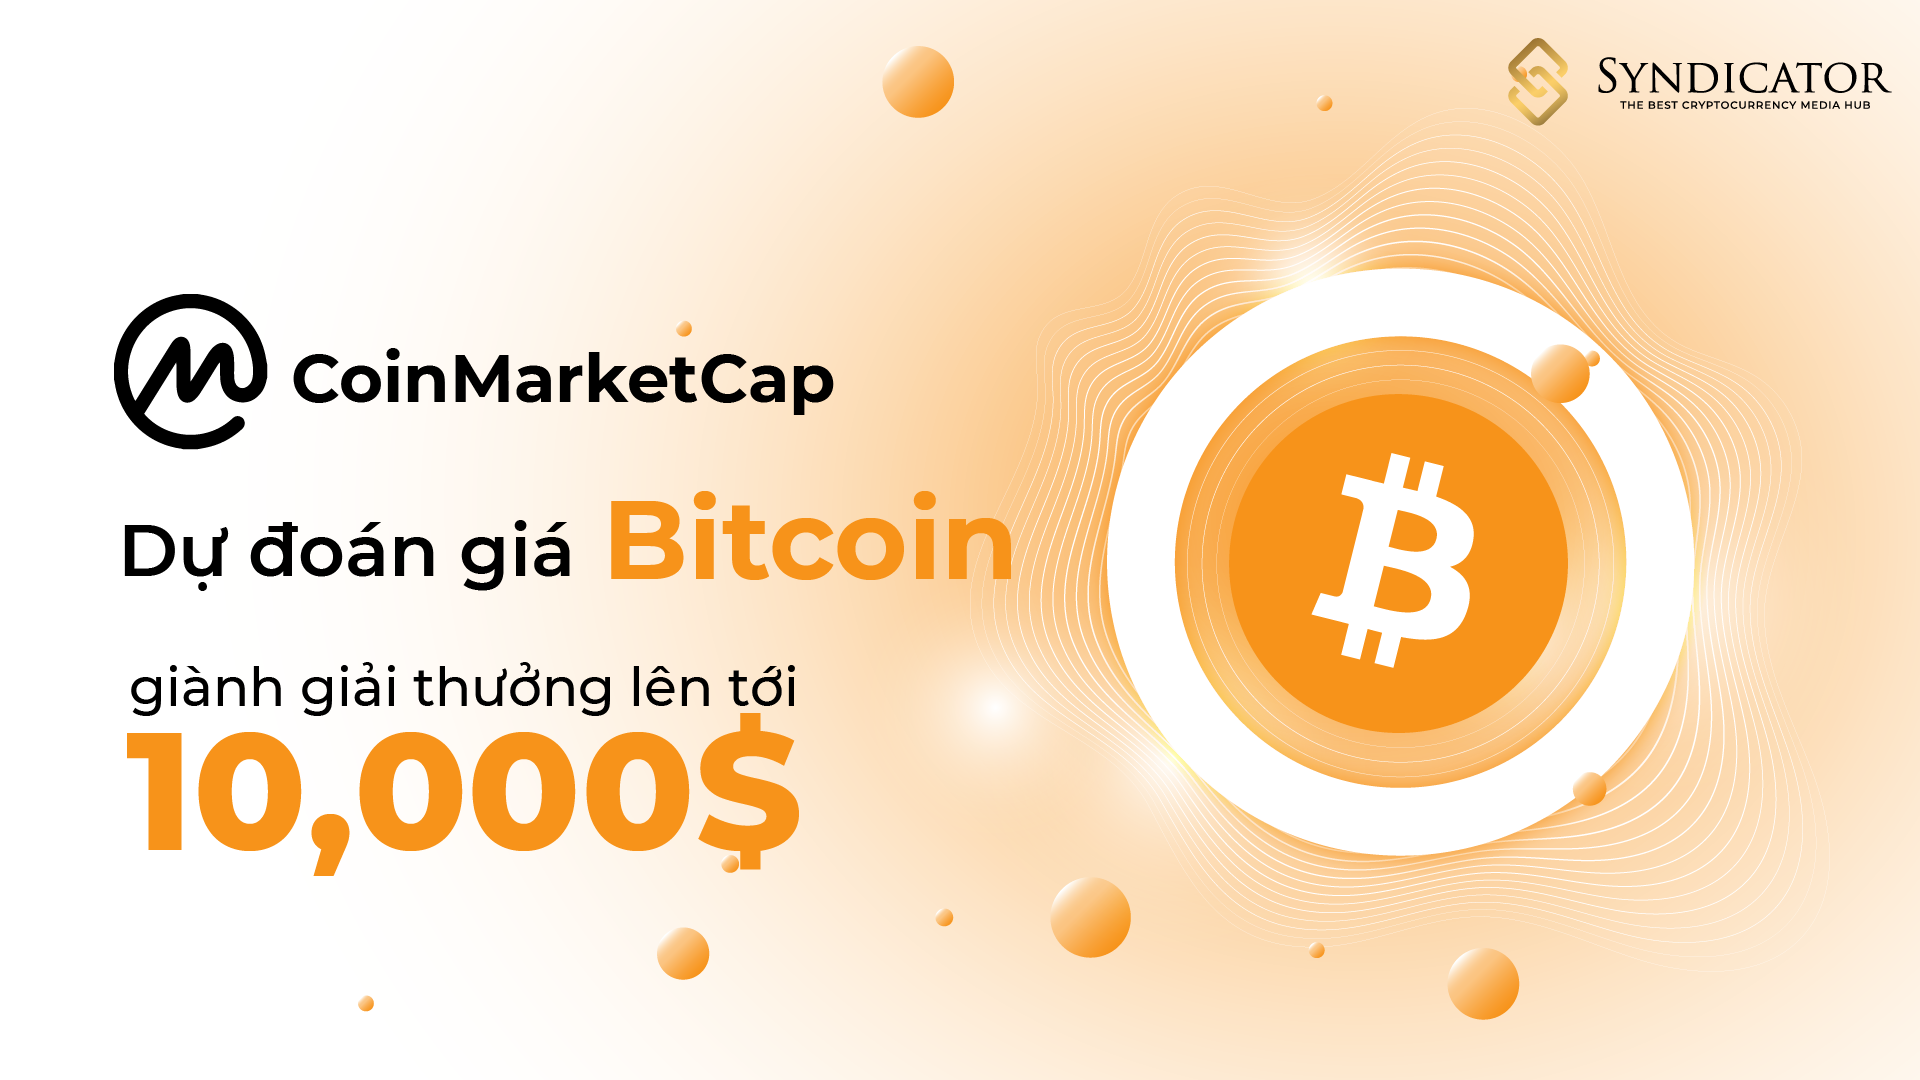 CoinMarketCap - Dự đoán giá Bitcoin và giành tổng giải thưởng lên tới 10,000$ - Syndicator